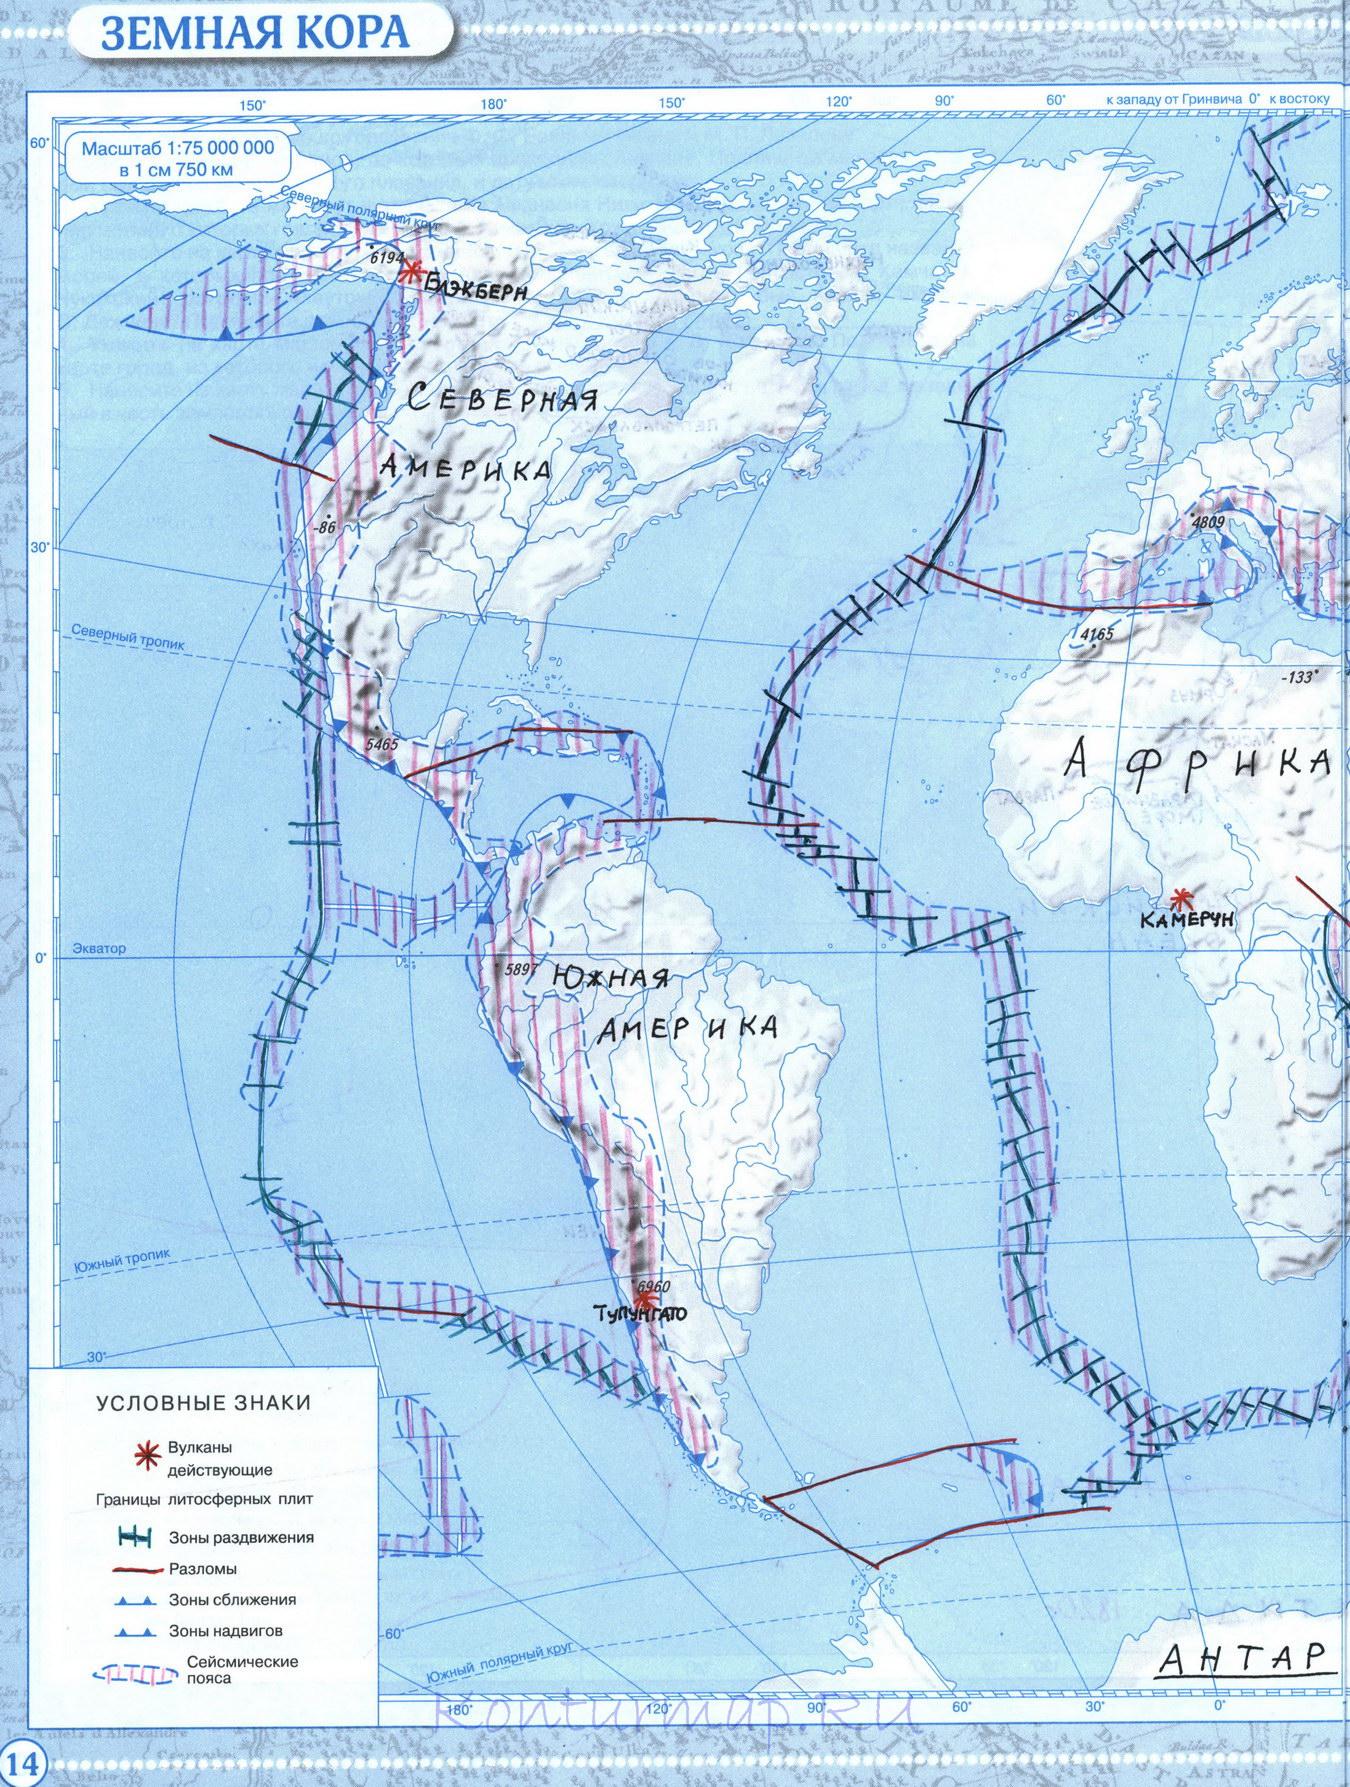 Контурная карта по географии 6 класс ответы на вопросы с топографической карты